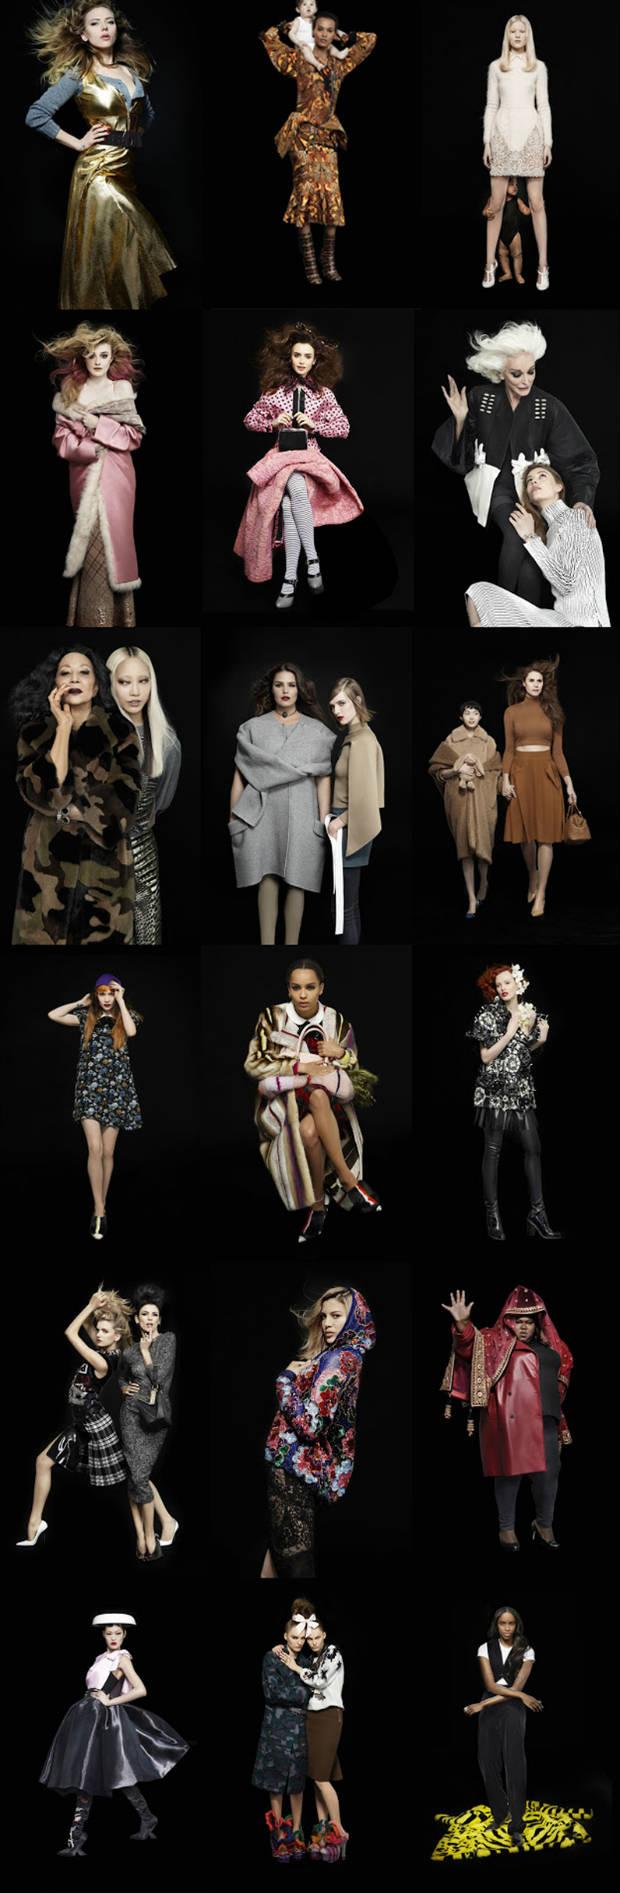 Diversity Harpers Bazaar